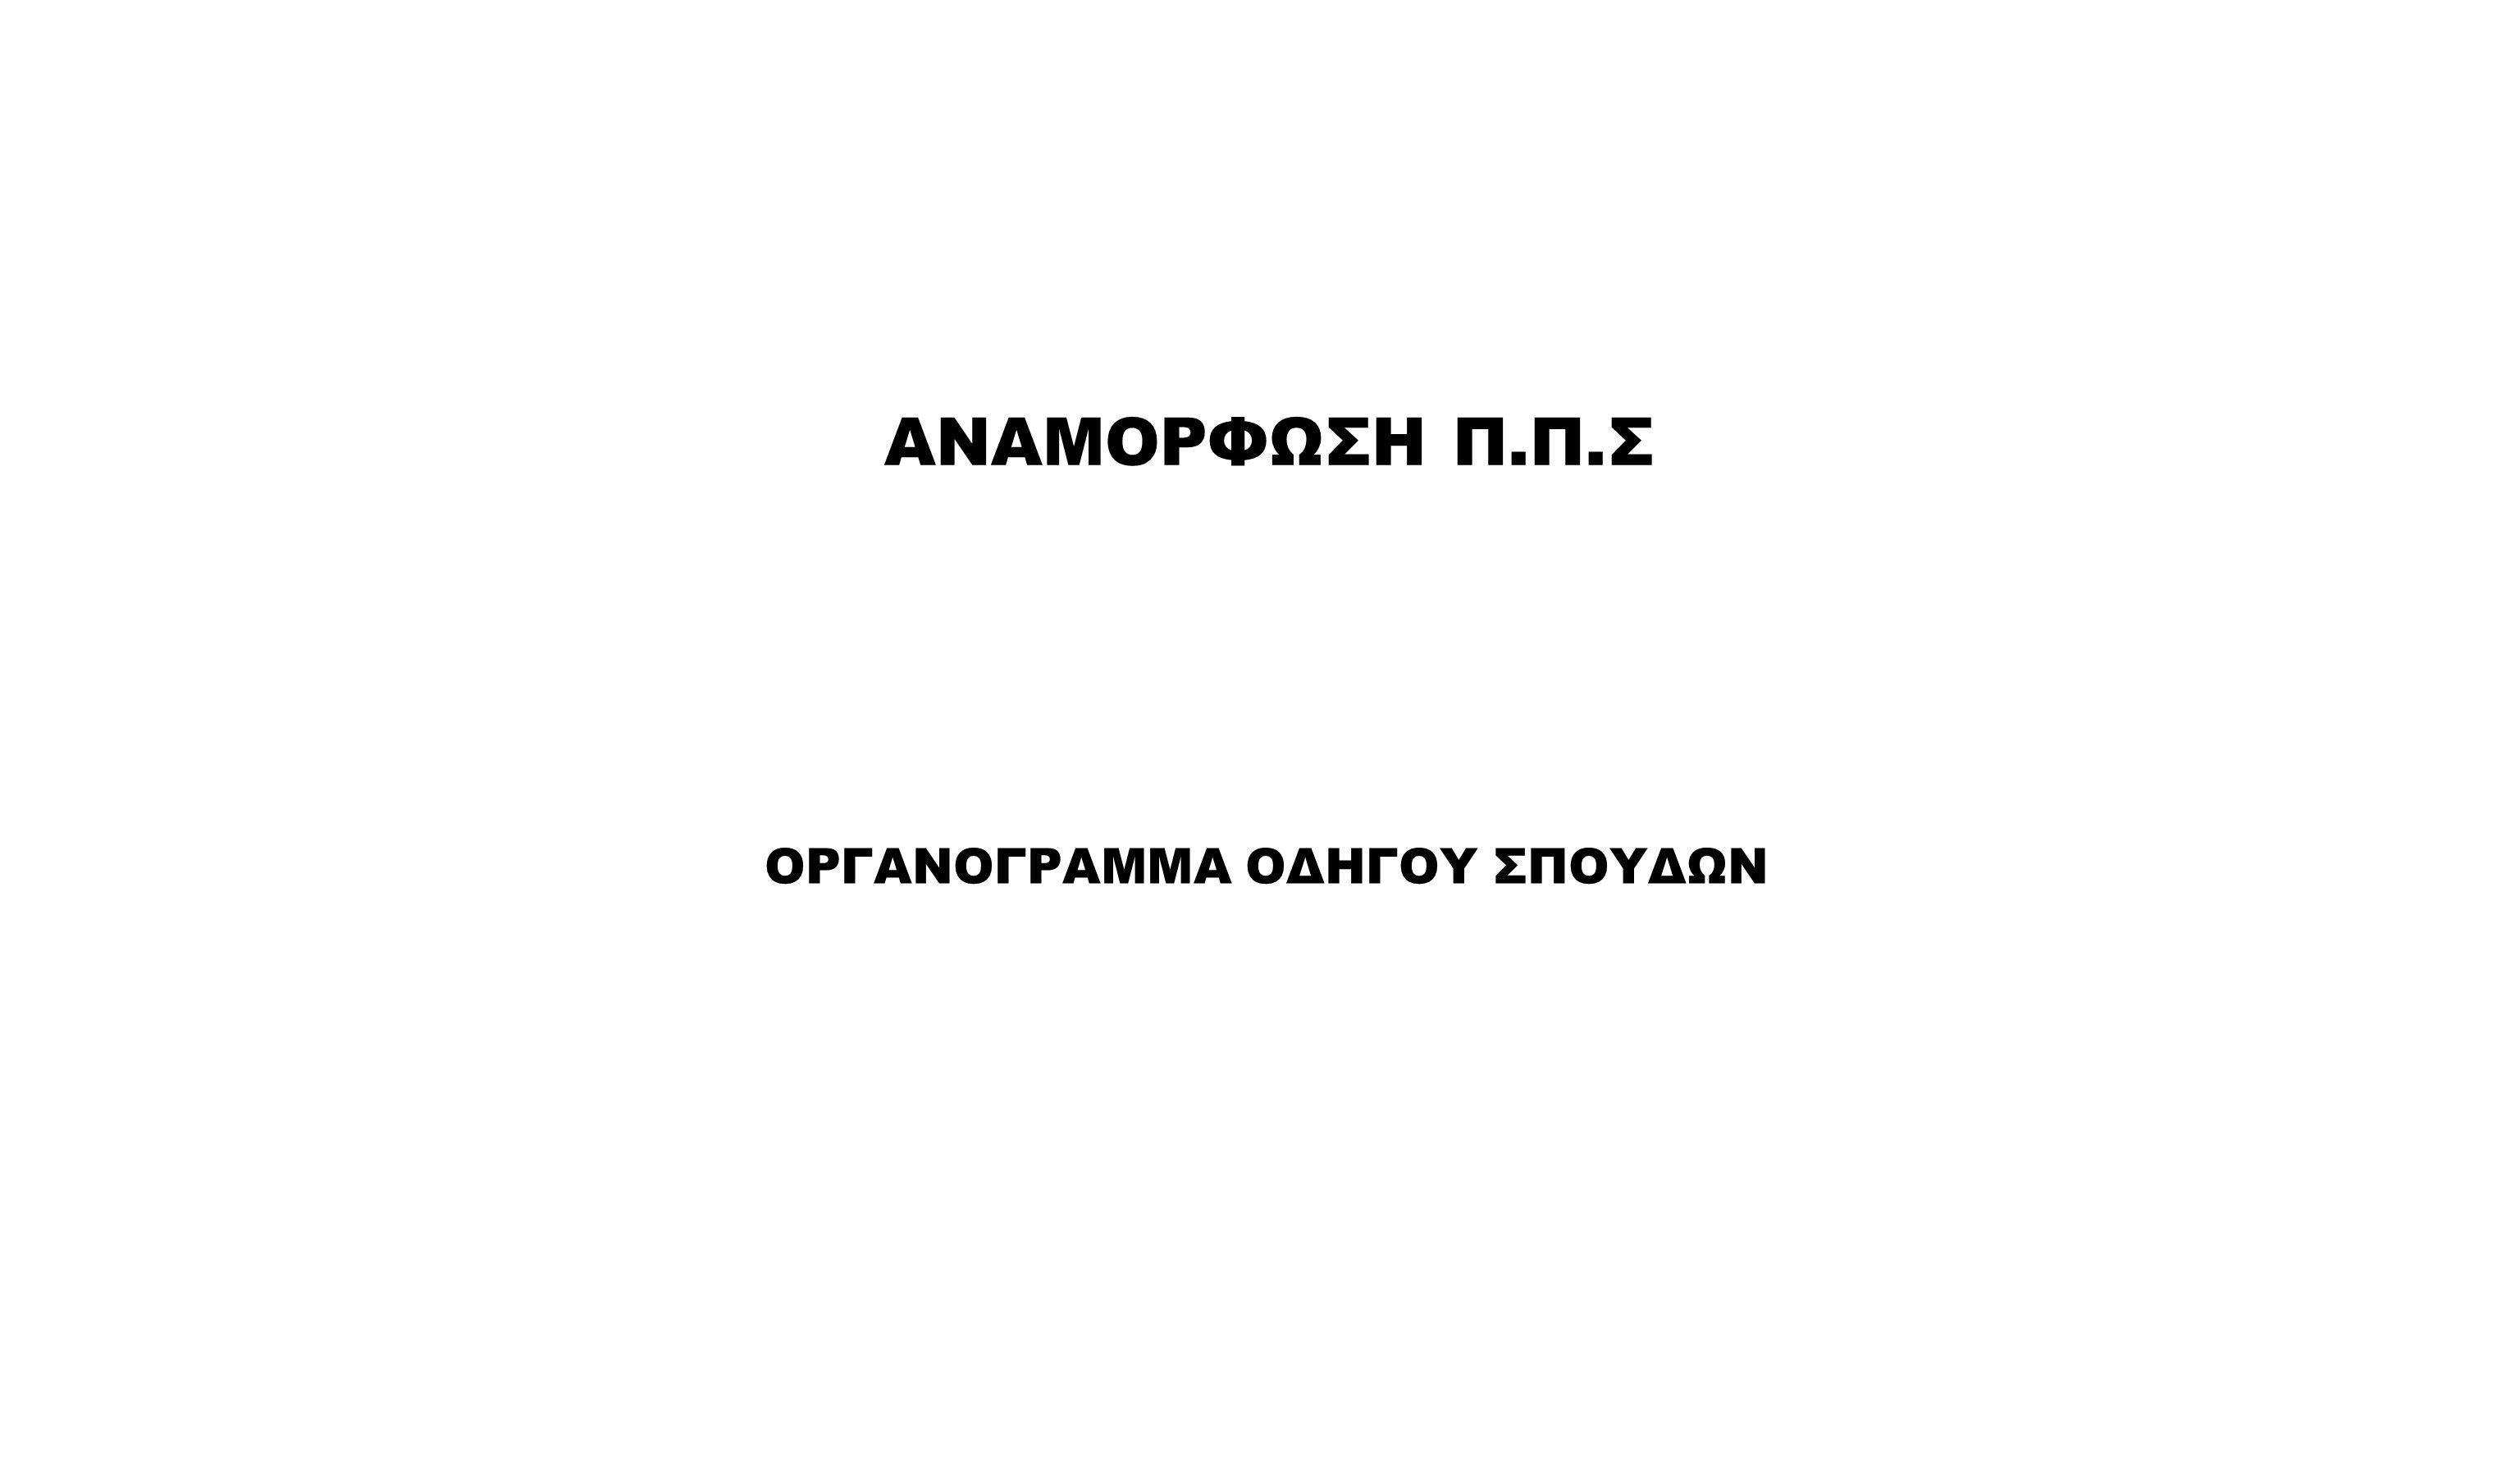 ΟΡΓΑΝΟΓΡΑΜΜΑ ΟΔΗΓΟΥ ΣΠΟΥΔΩΝ